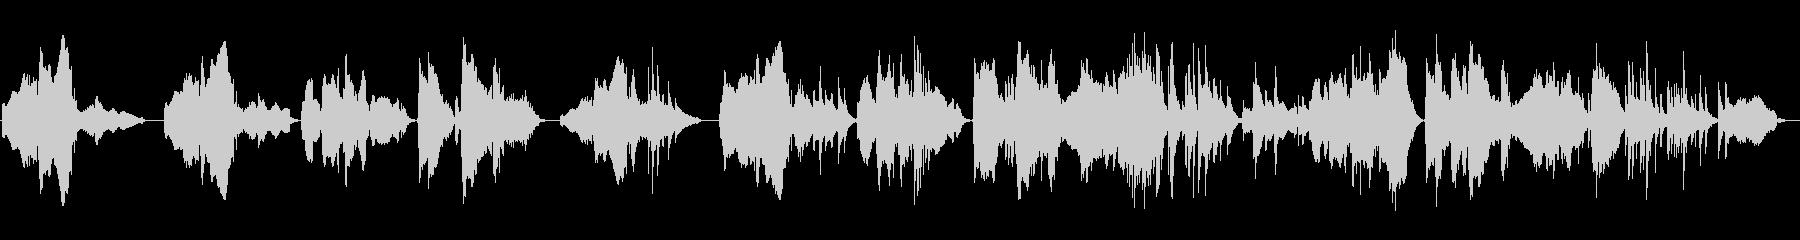 和風の旋律が印象的な楽曲の未再生の波形